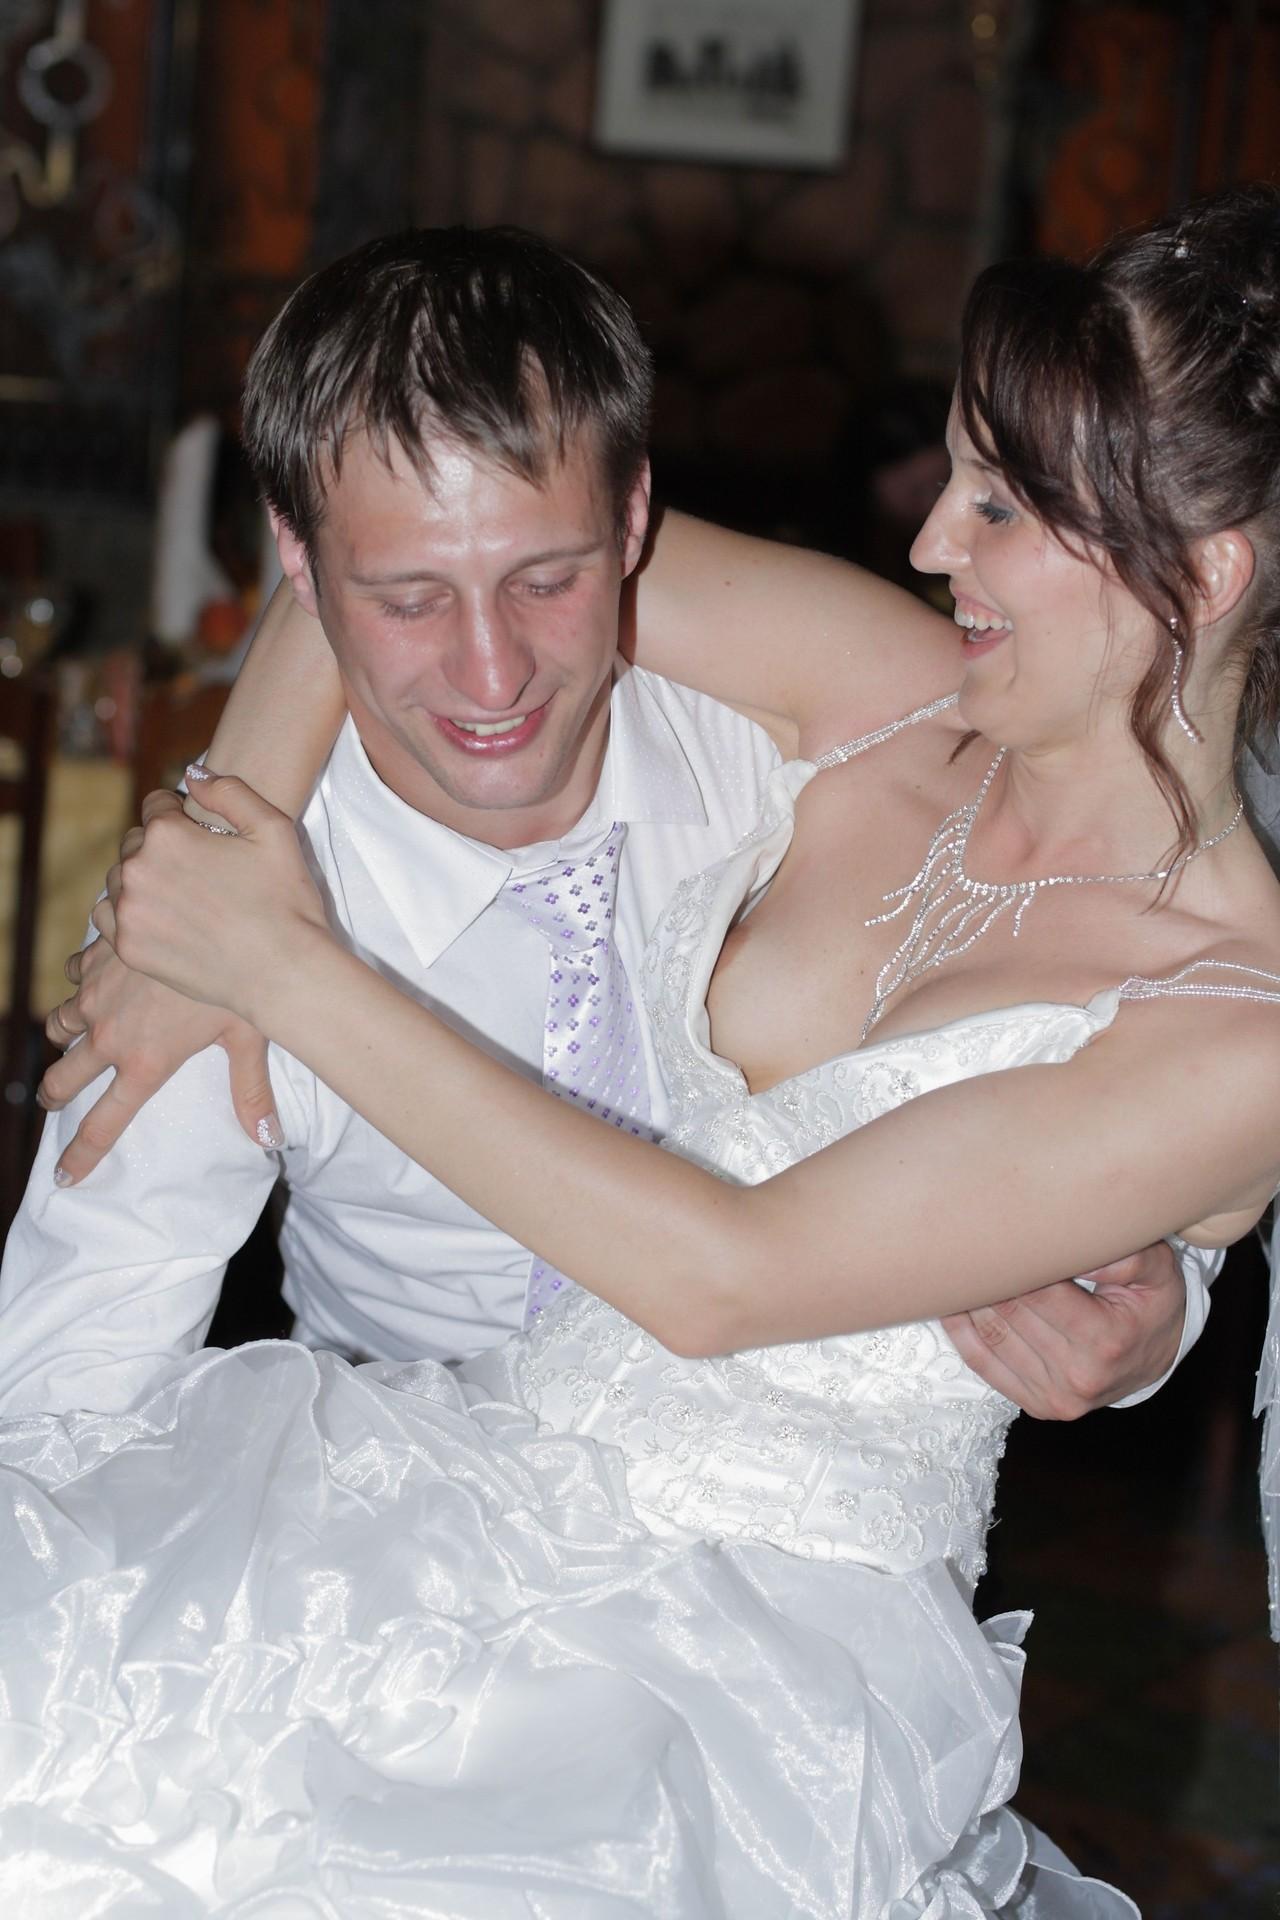 tumblr hot brides